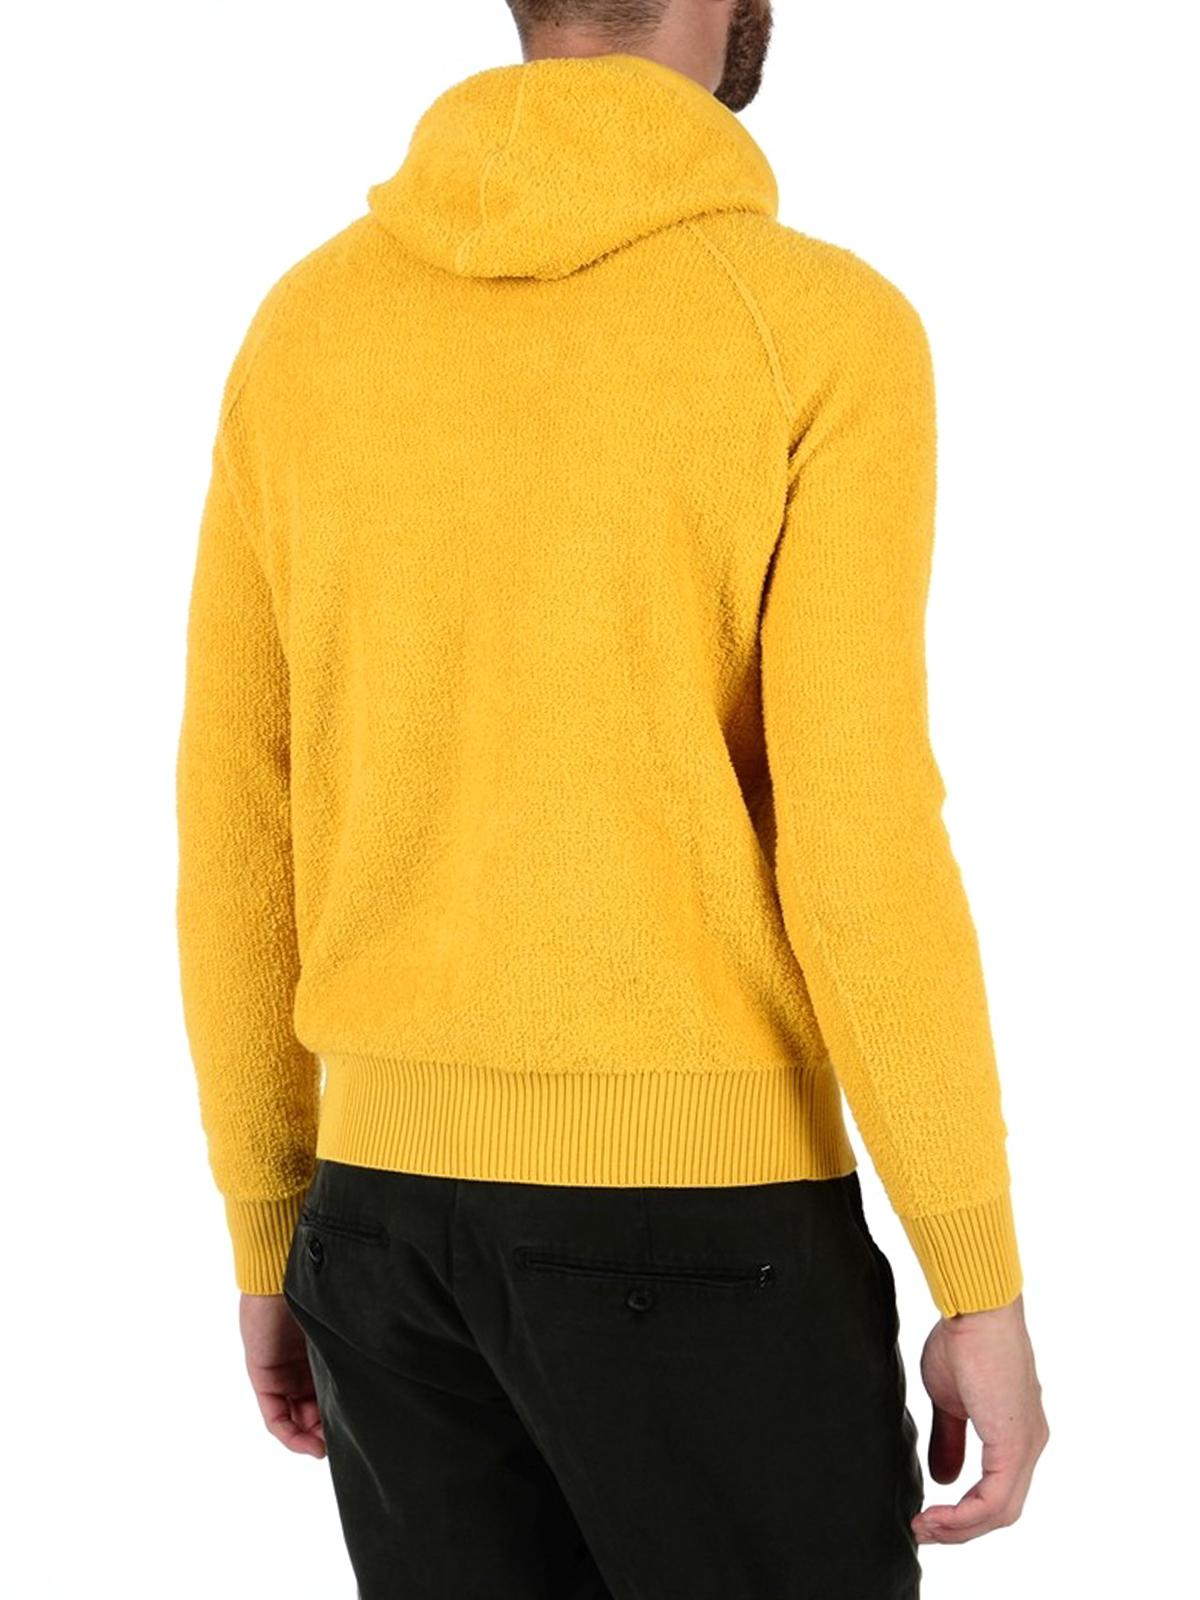 zarte Farben sehr bekannt beste Auswahl an Stone Island - Mustard terrycloth hoodie - Sweatshirts ...